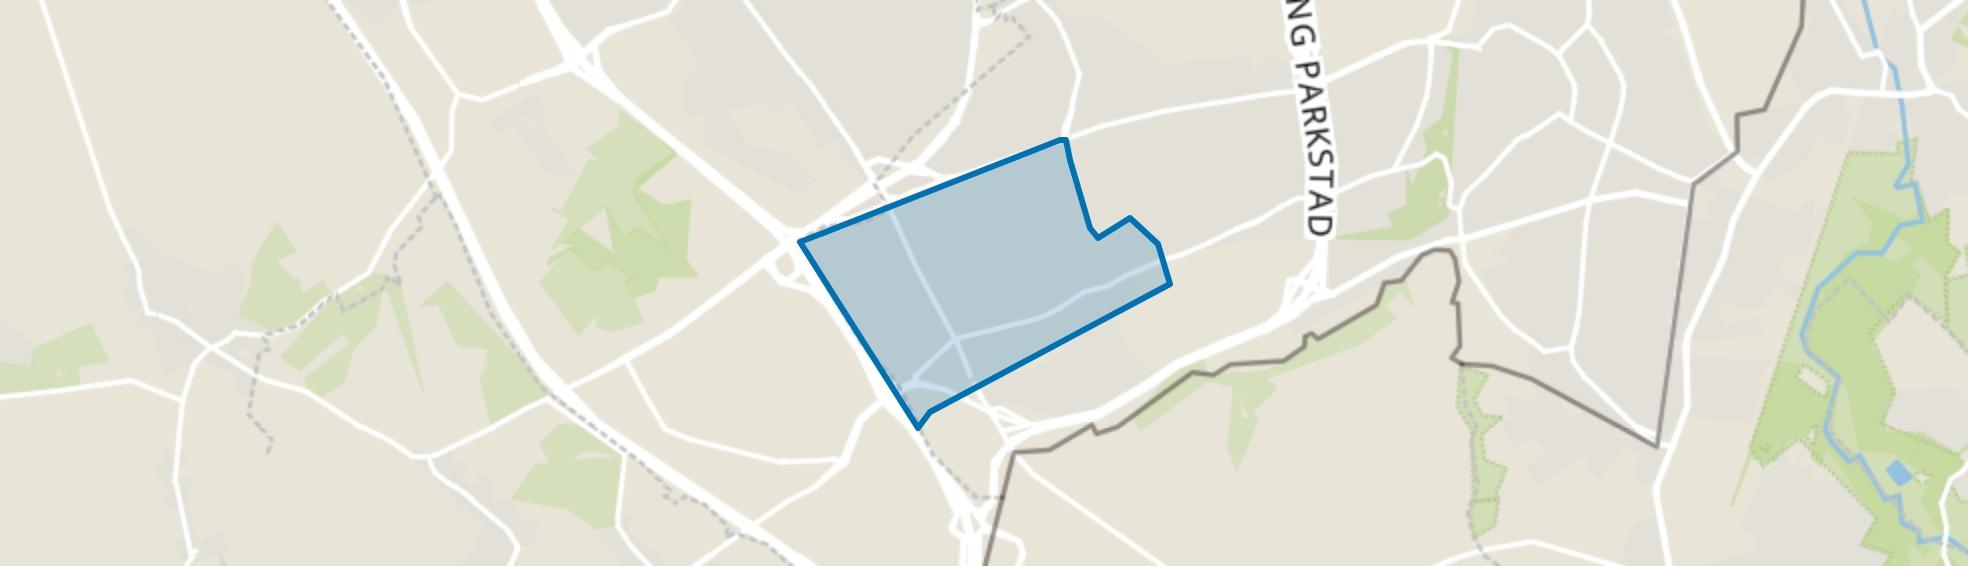 Spekholzerheide, Kerkrade map